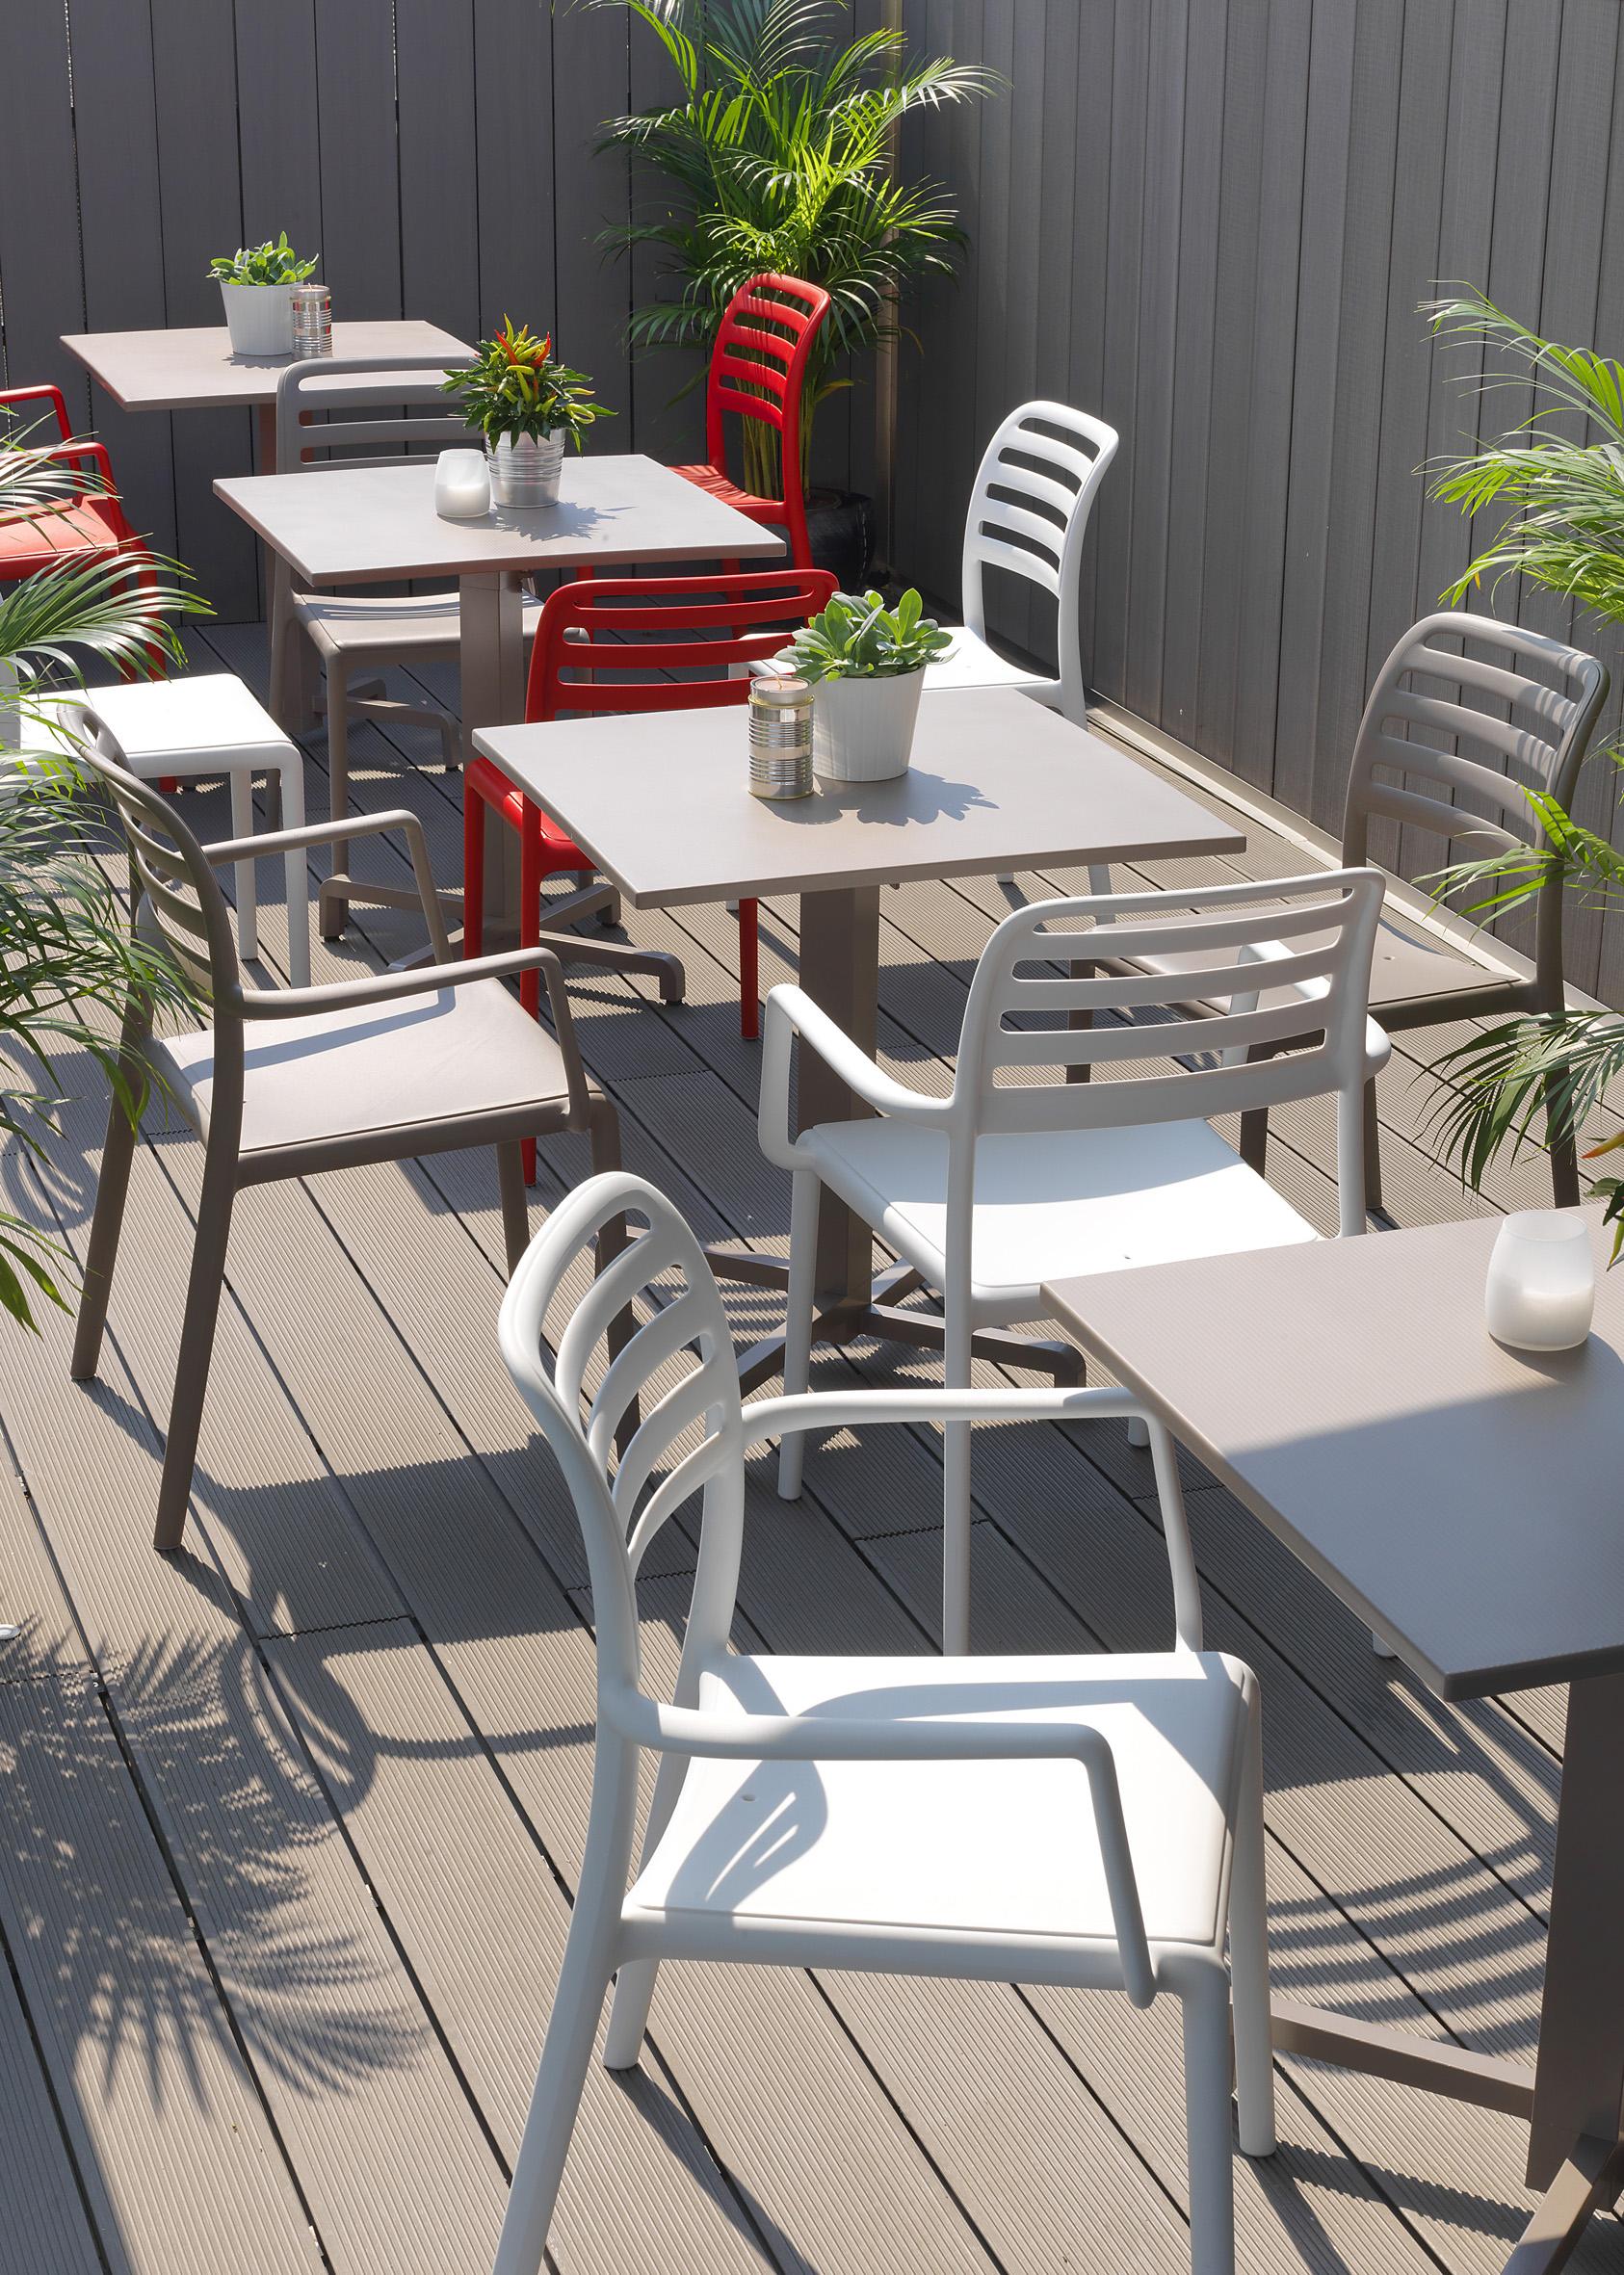 Costa Cafe Armchair Nz On